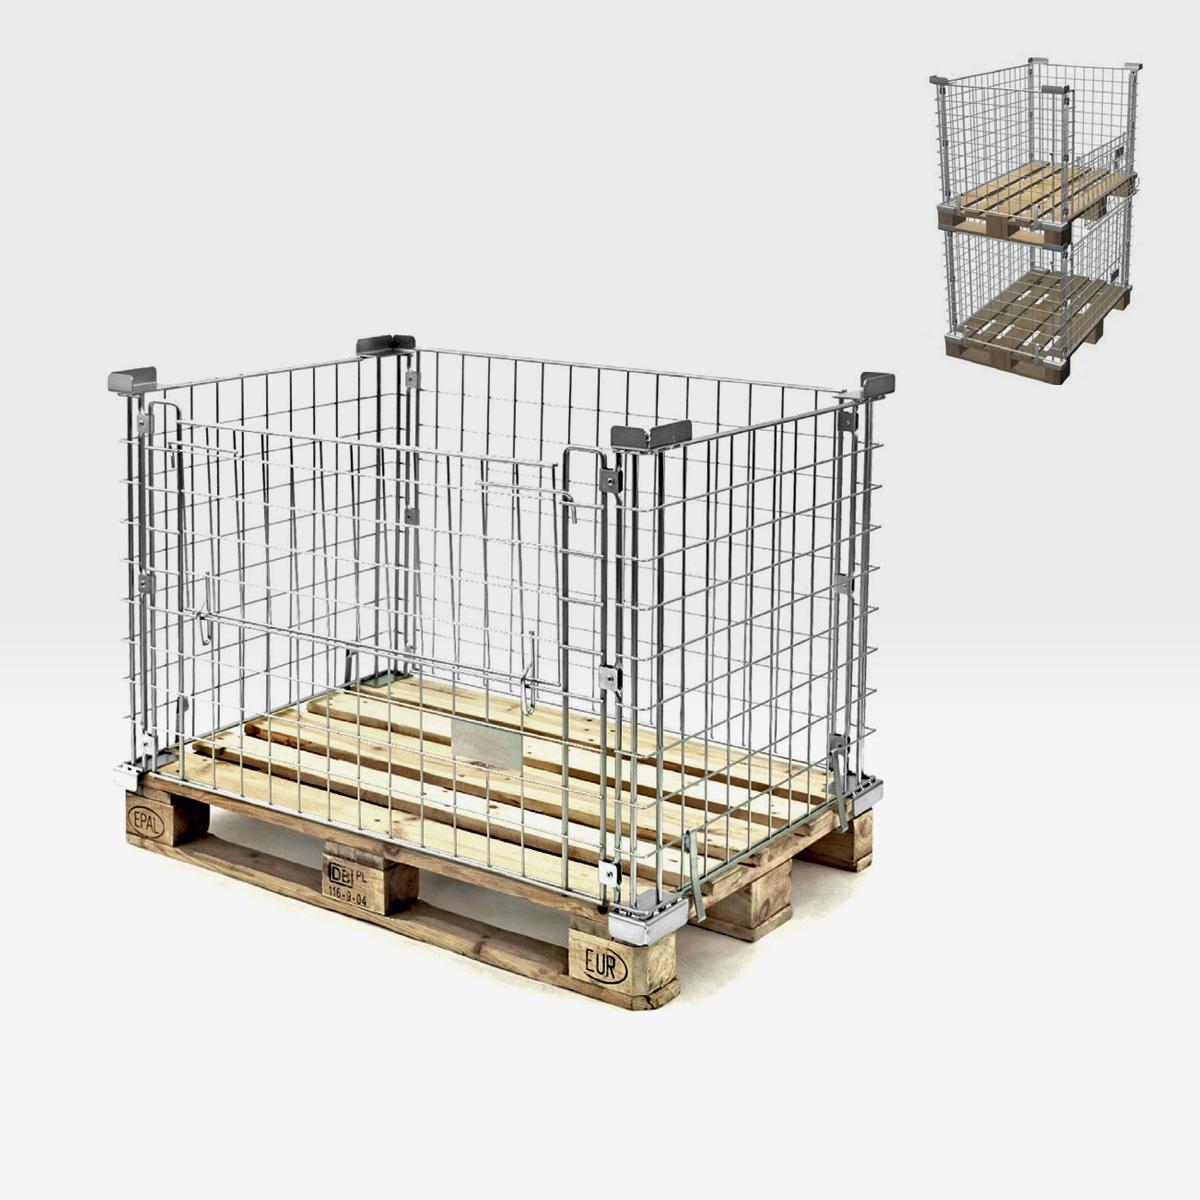 Cesto-box espositore su pallet 1200x800 light I